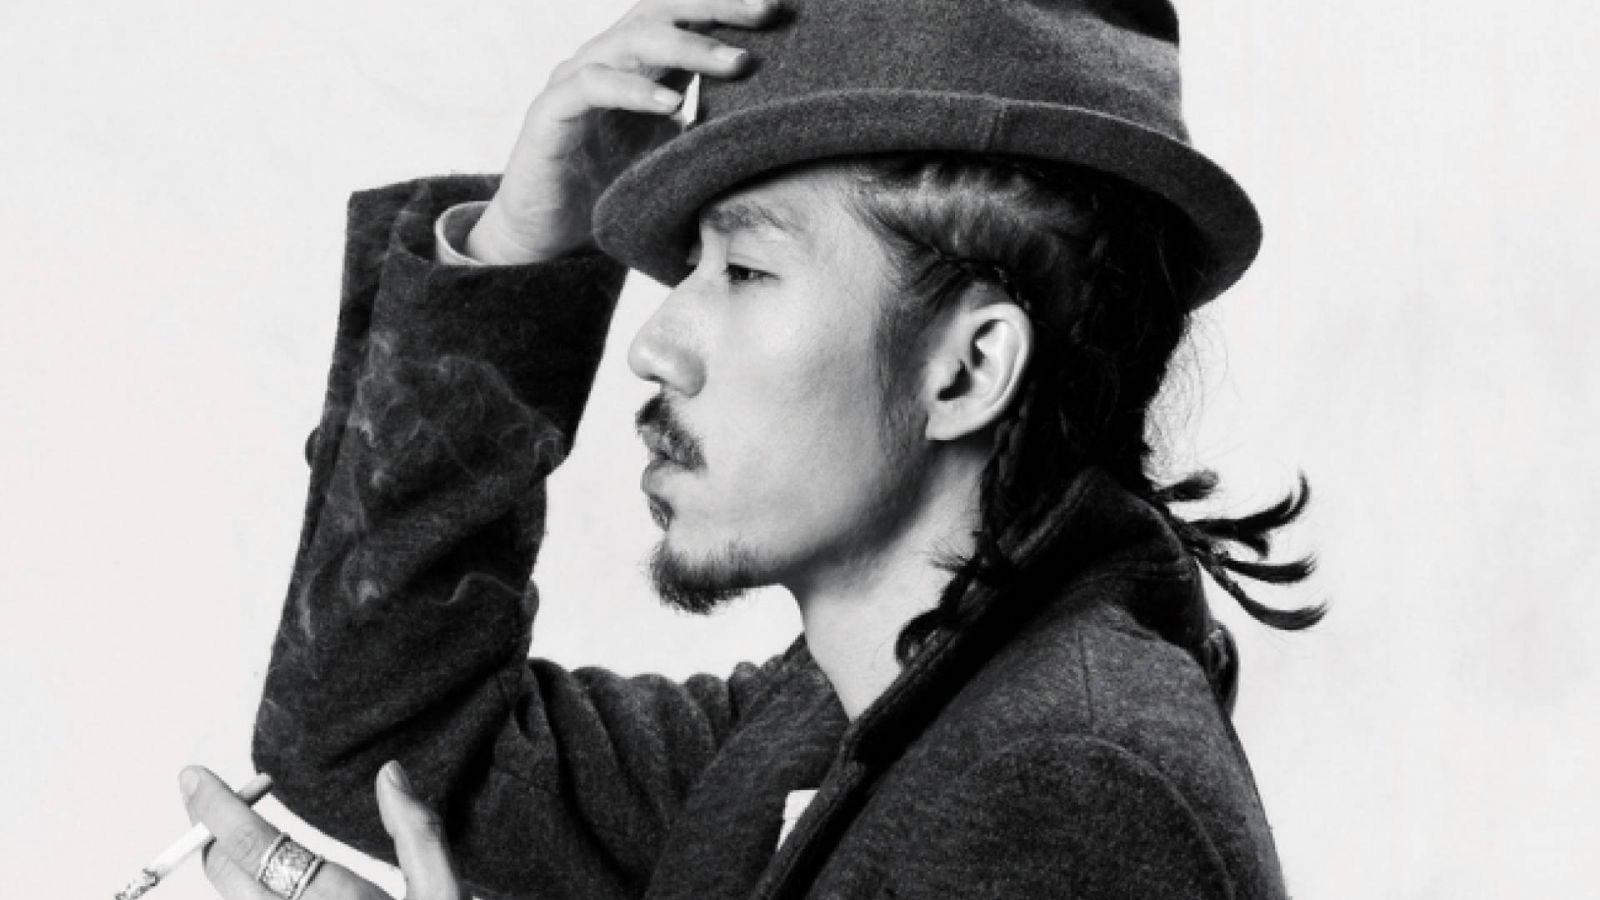 Artistas de hip-hop farão show no Japão © Jungle Entertainment